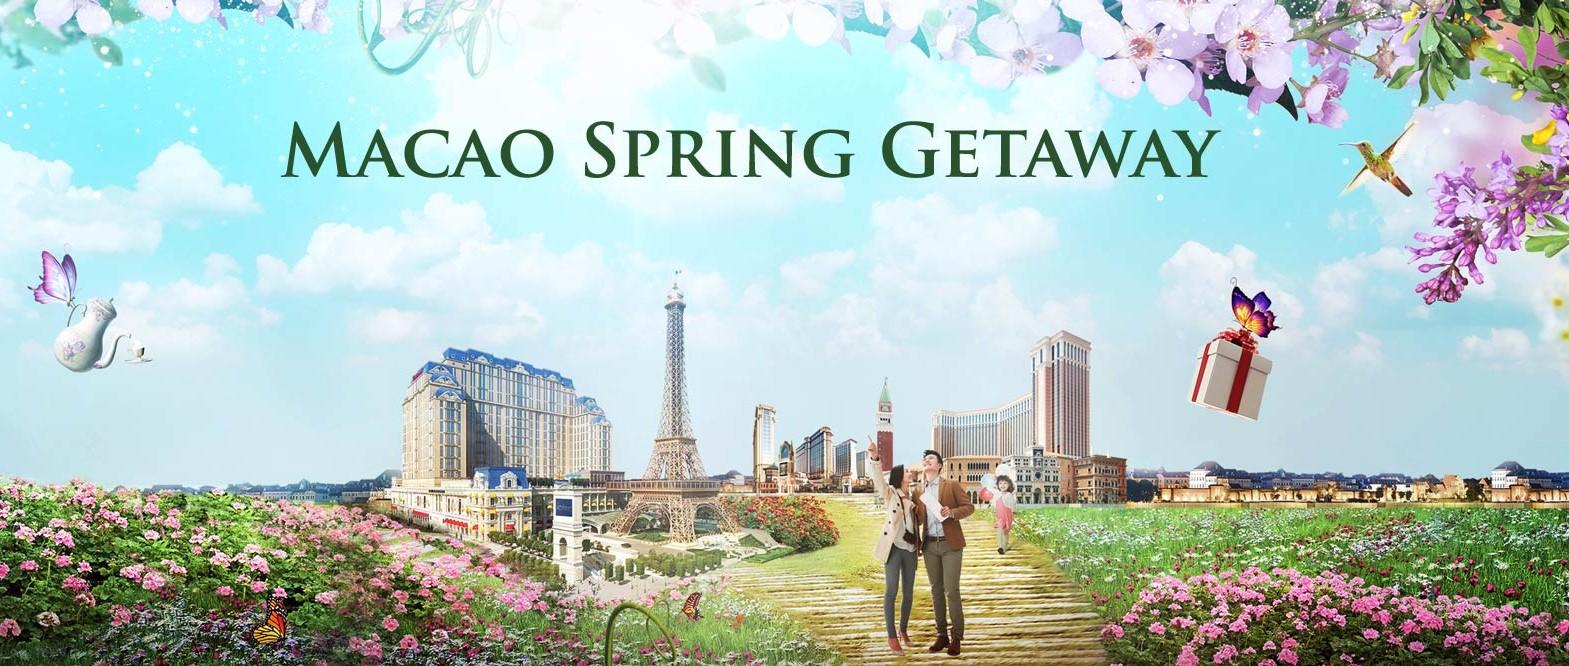 A promo for Sands' Macau casinos.